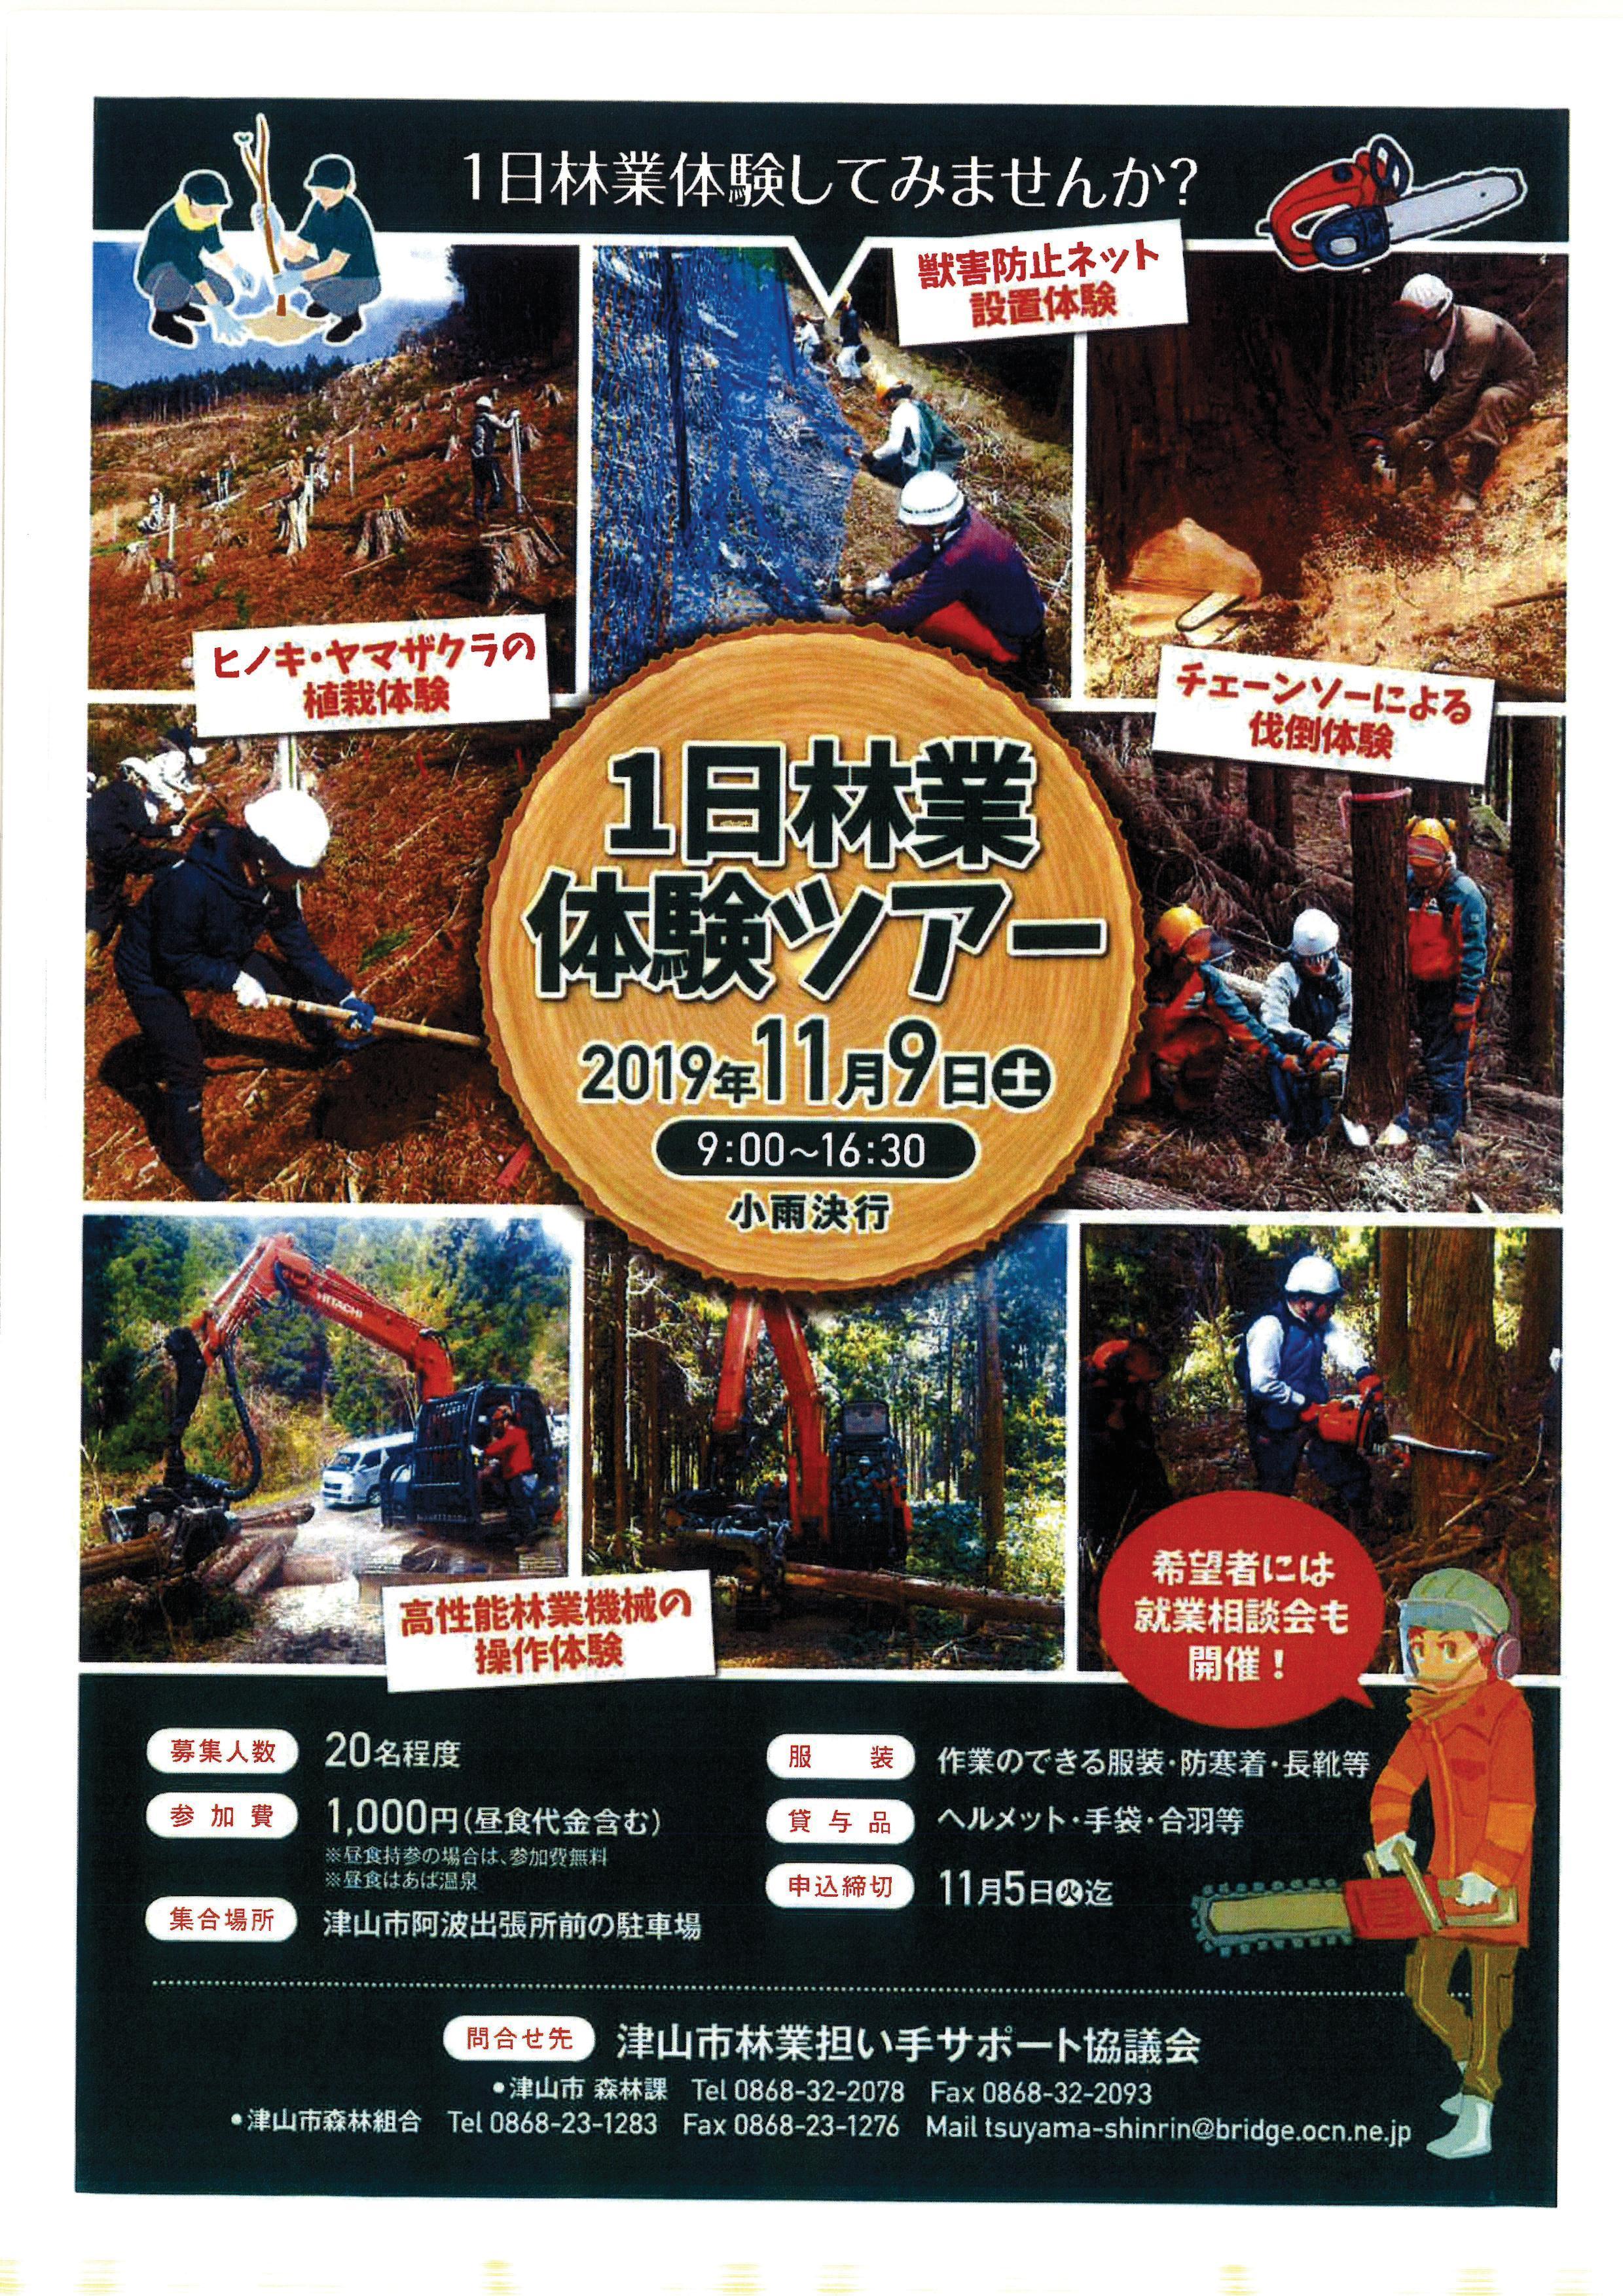 2019年11月9日(土)開催 一日林業体験ツアー参加者募集のお知らせ